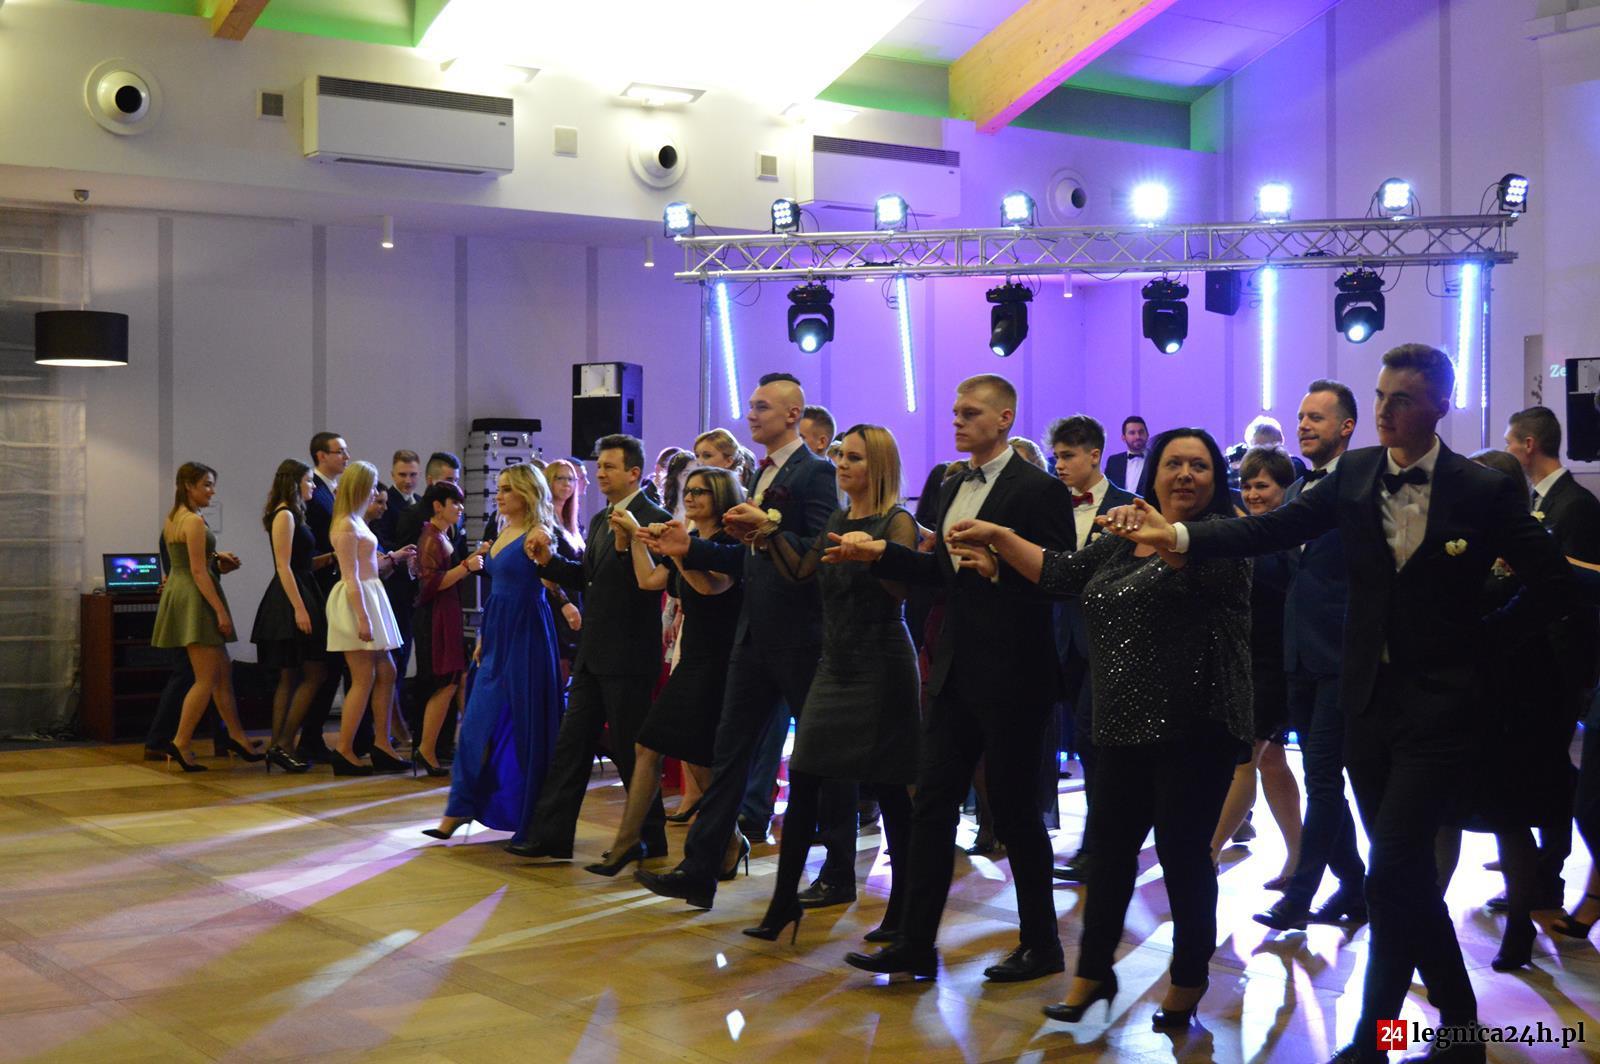 (FOTO) Studniówka ZSTiO - blisko 200 osób zatańczyło poloneza